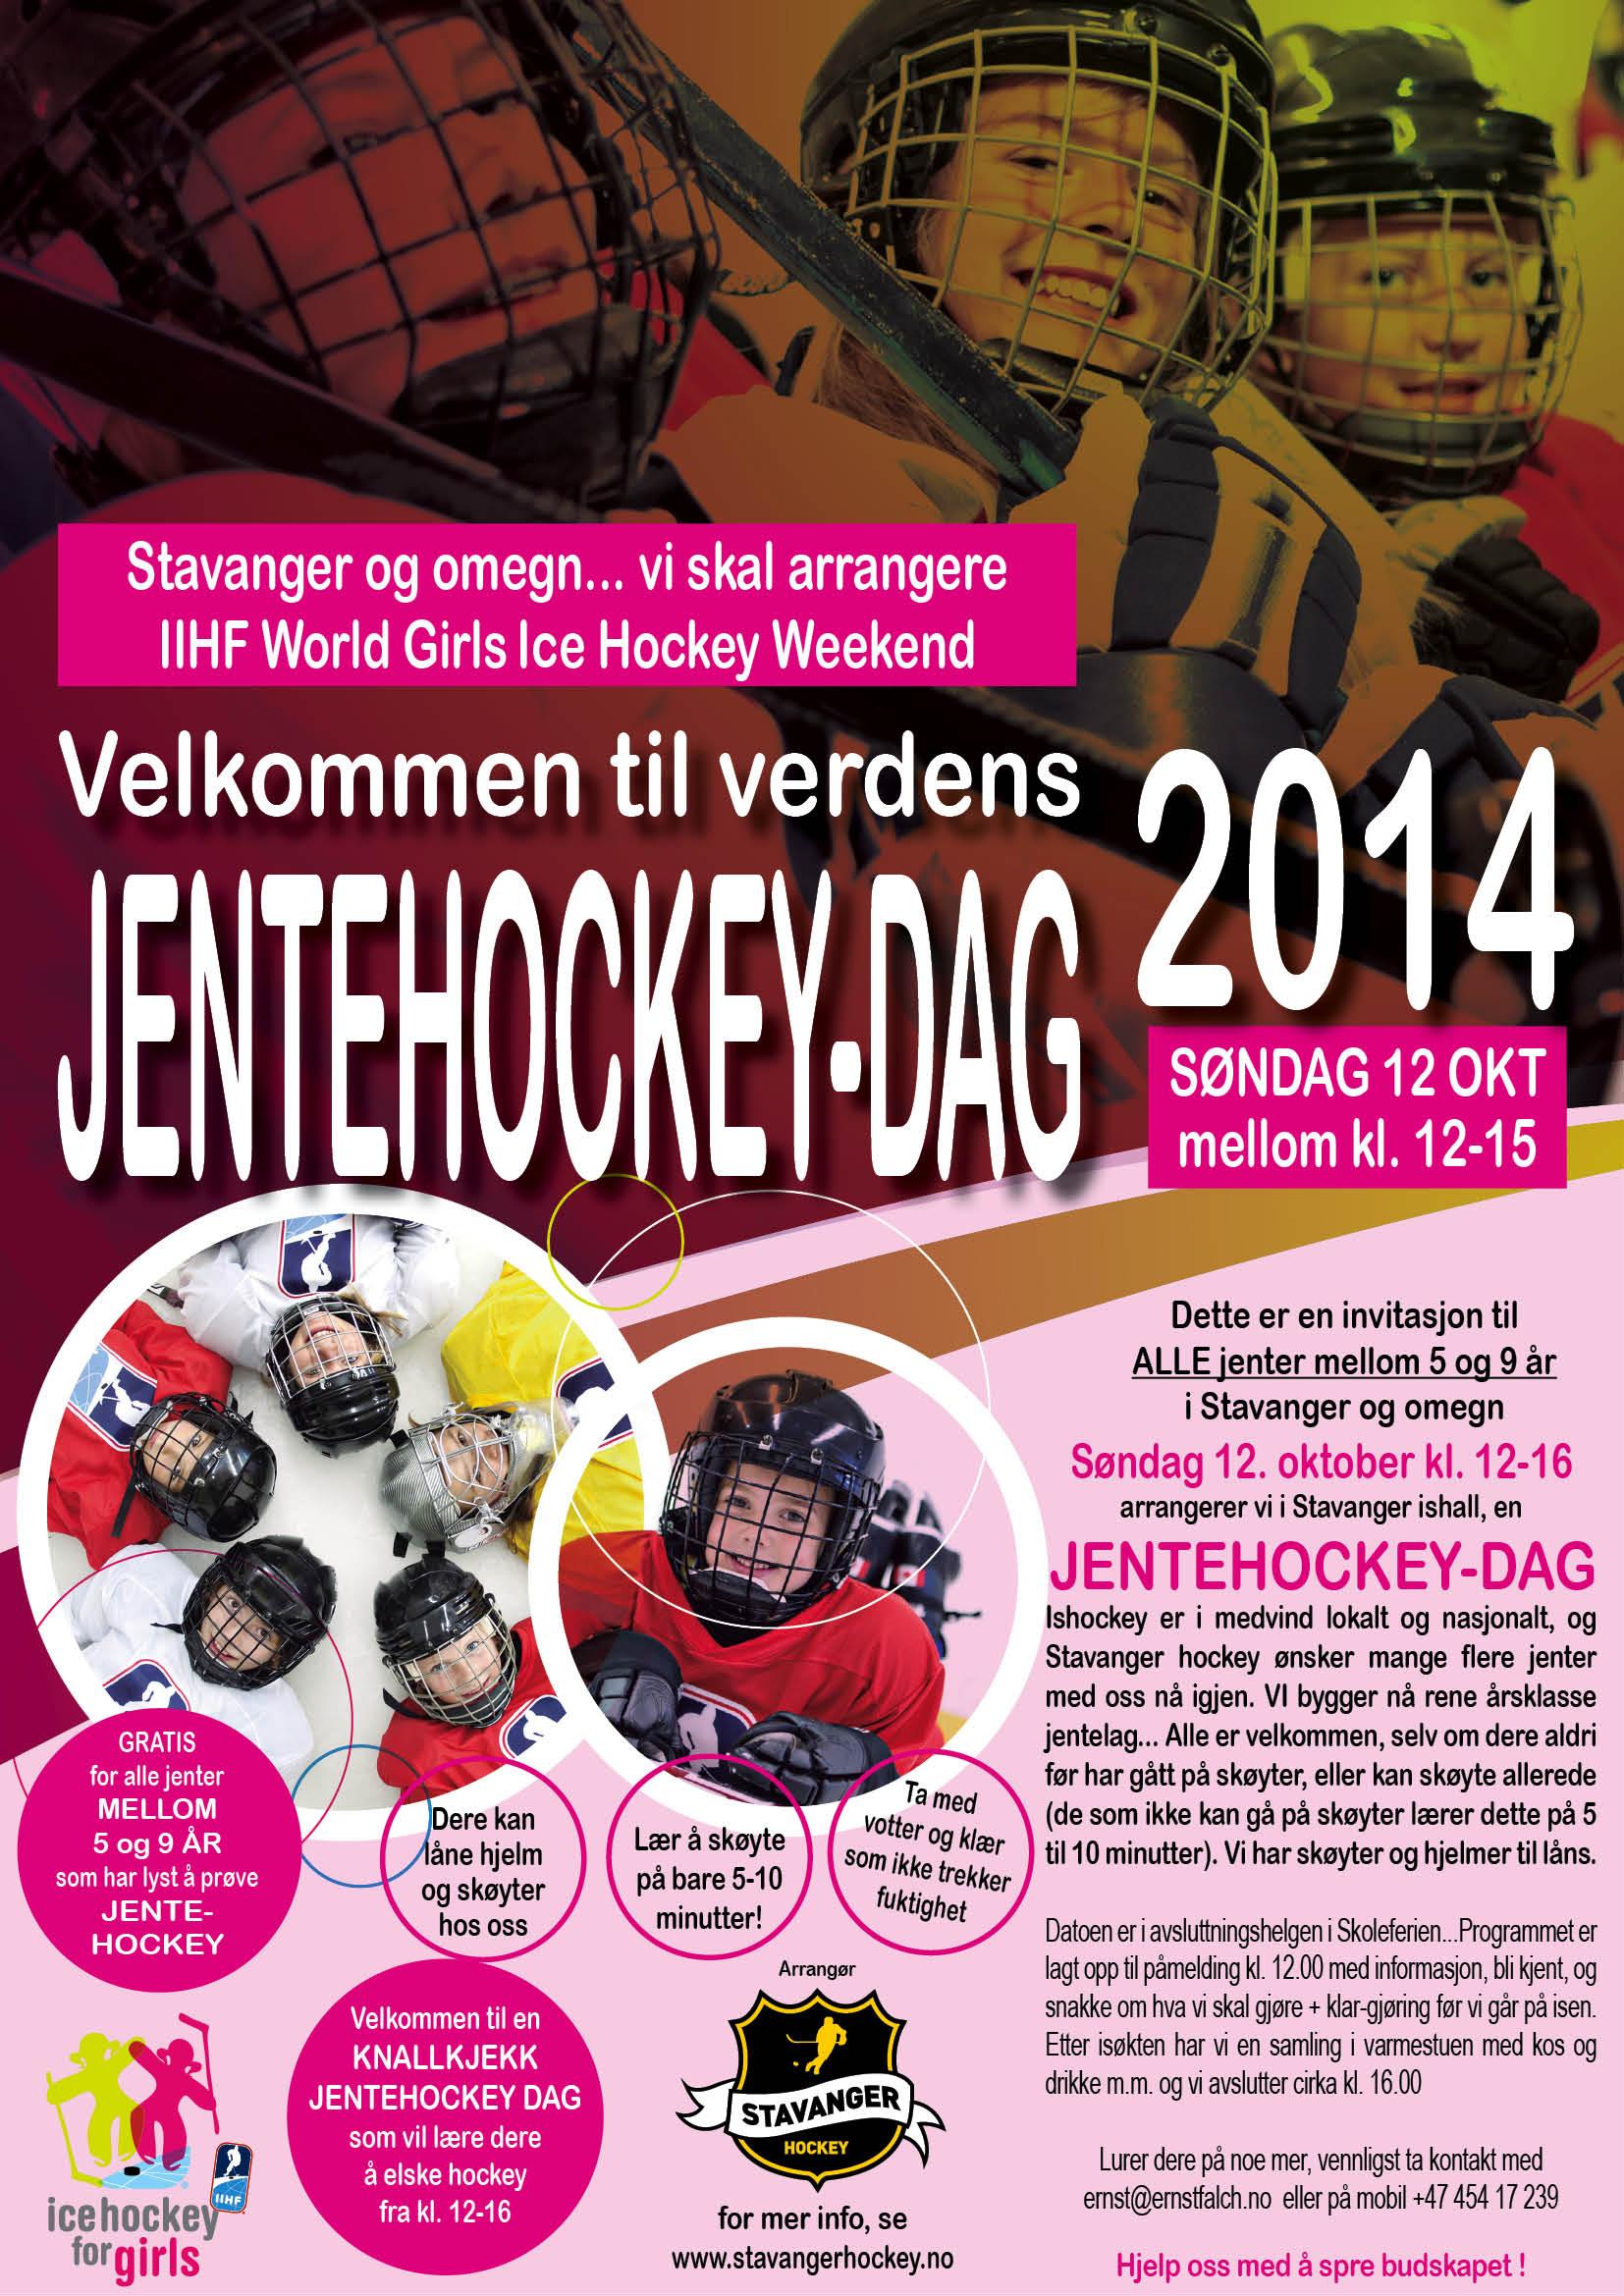 JentehockeydagenOkt2014